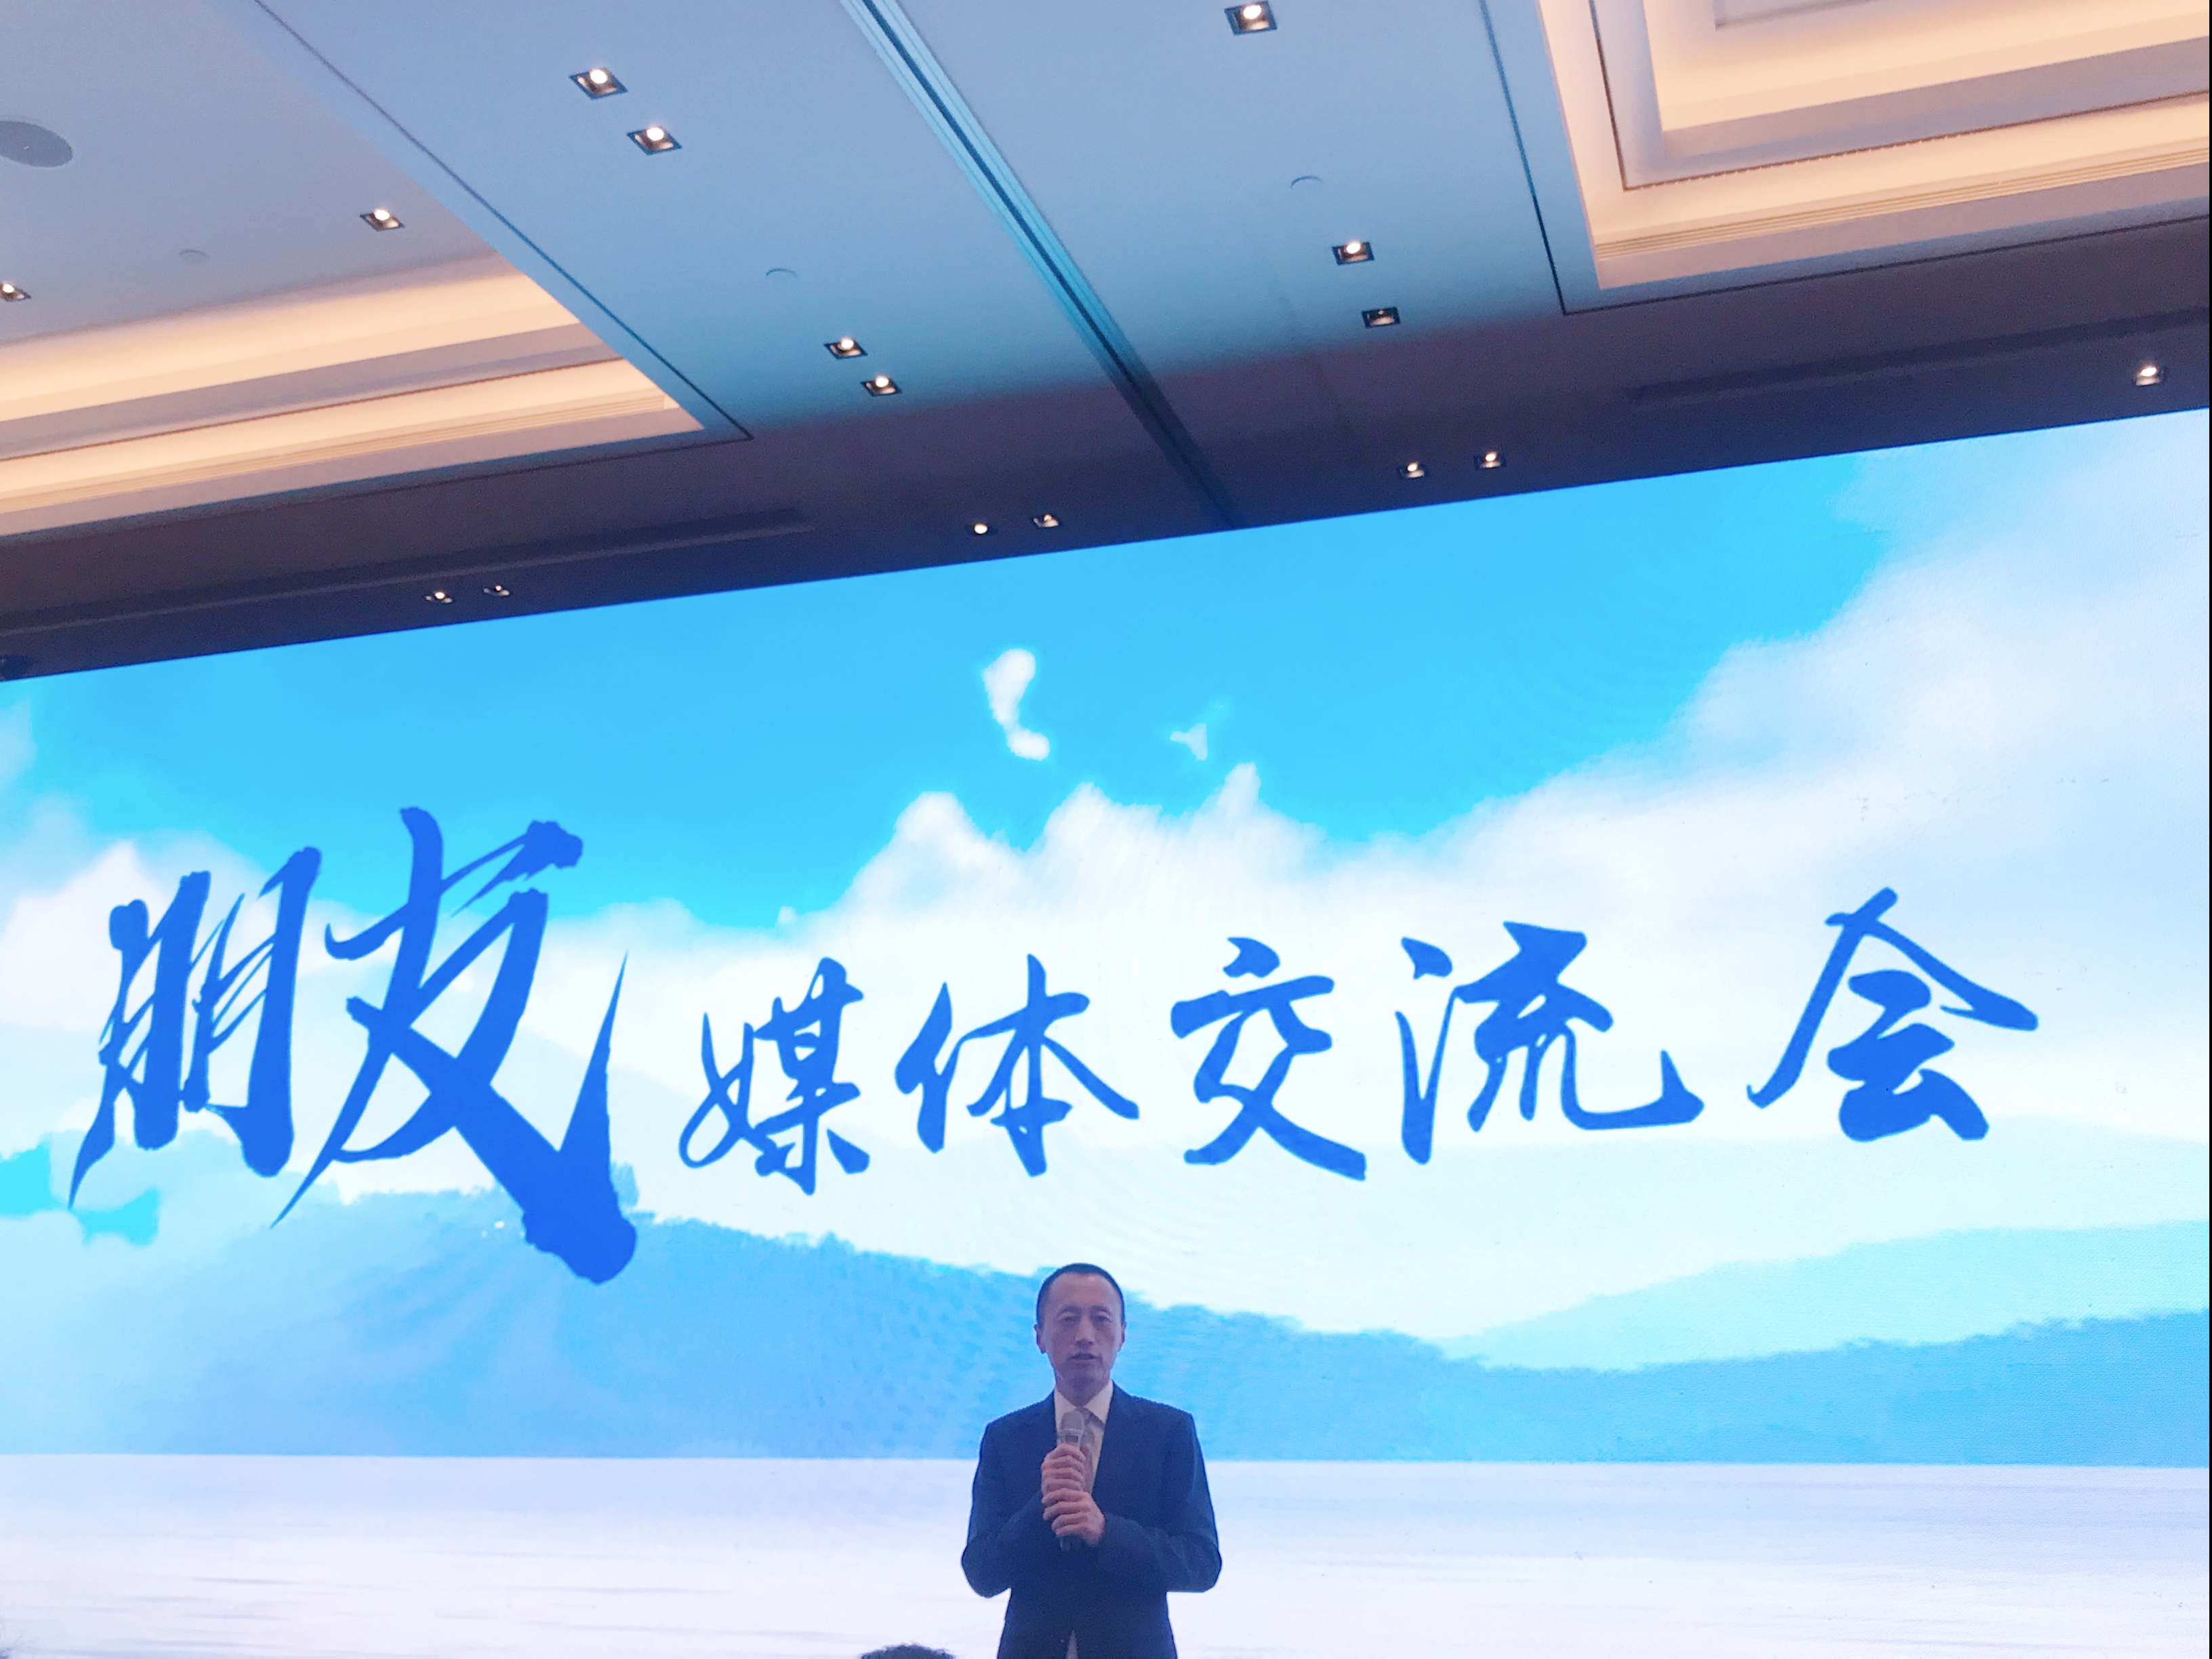 万科郁亮:对每一个地方都情有独钟-中国网地产